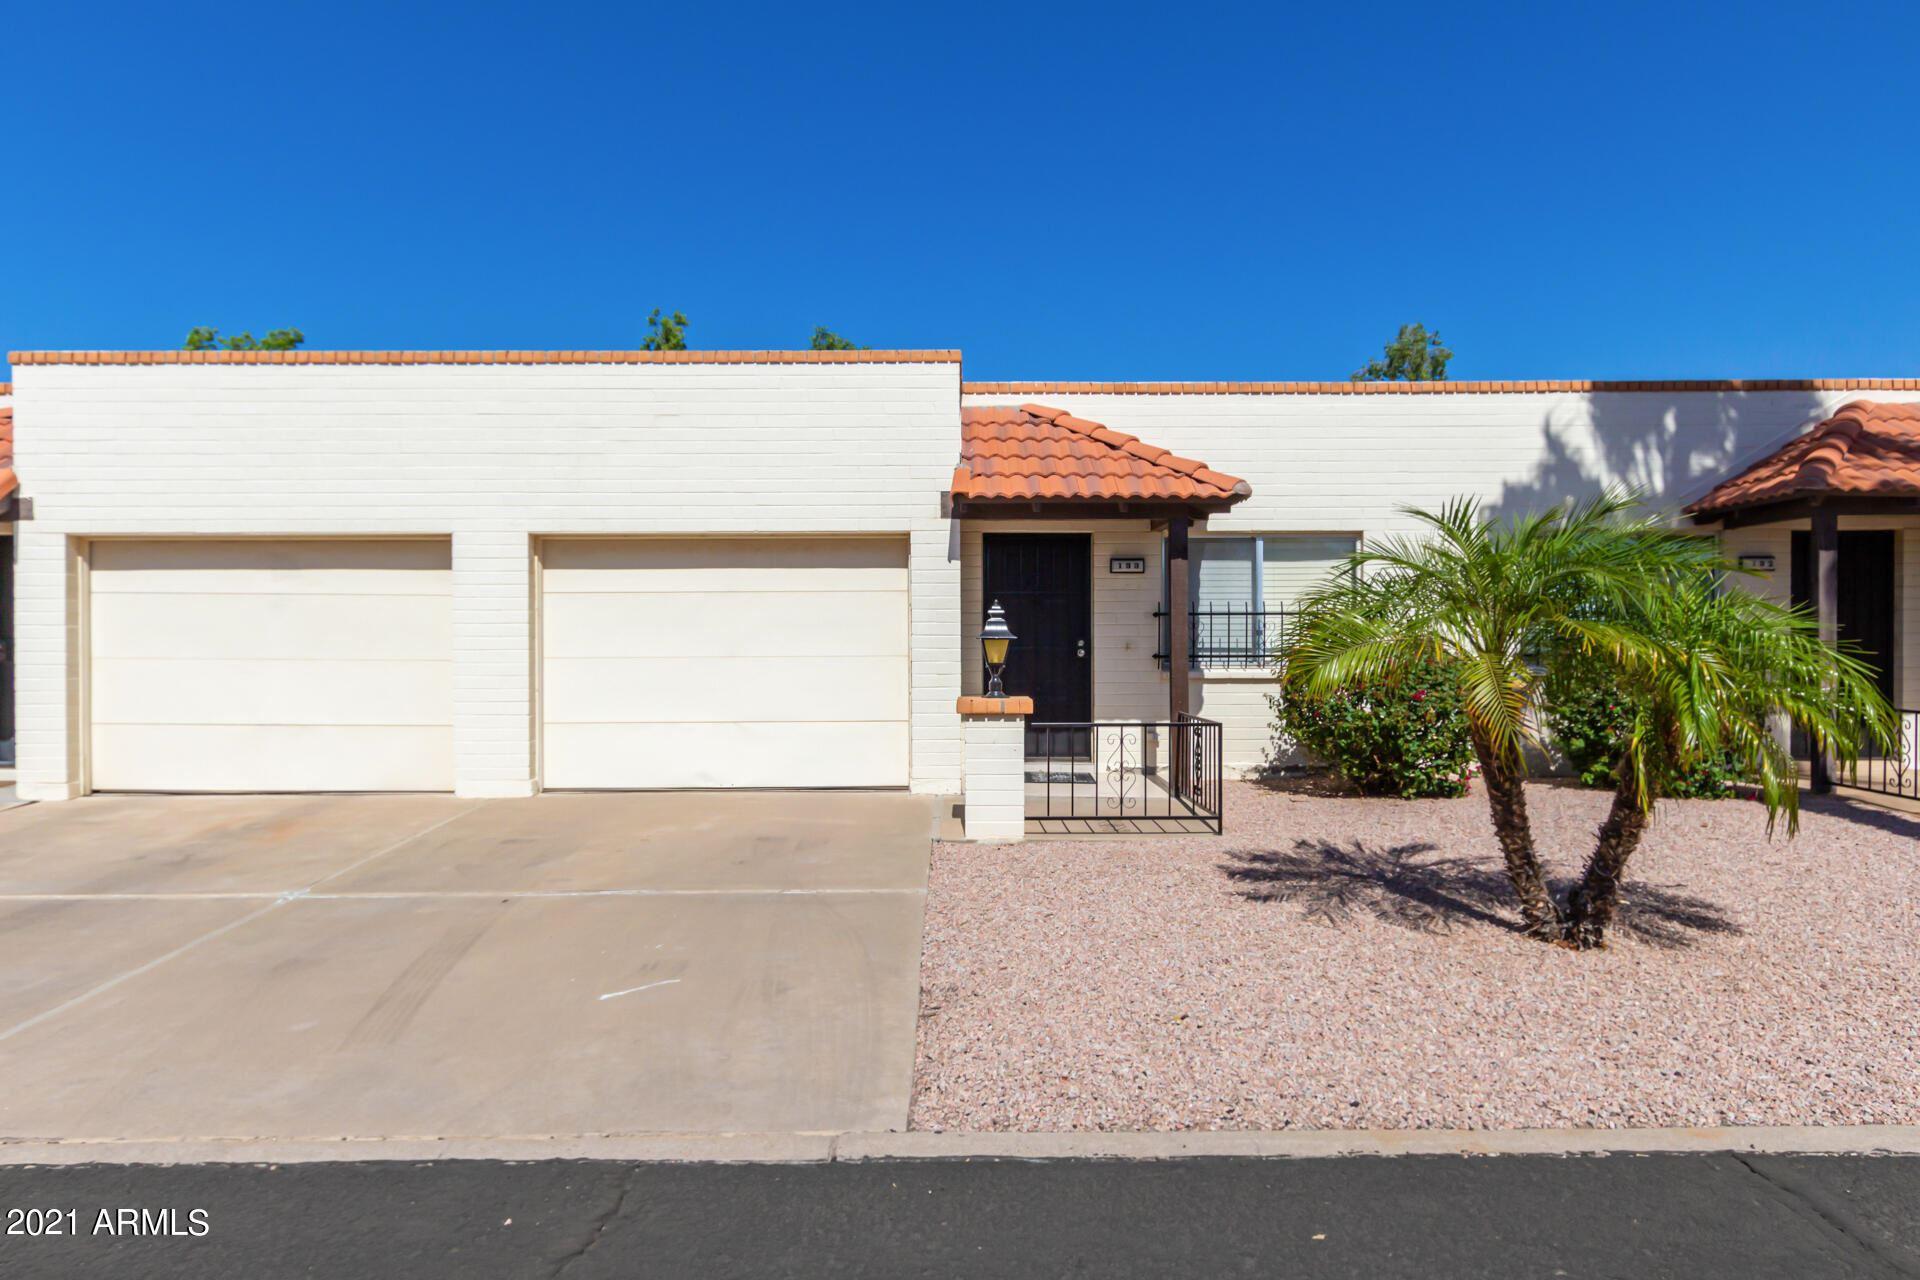 Photo of 440 S PARKCREST -- #133, Mesa, AZ 85206 (MLS # 6307769)